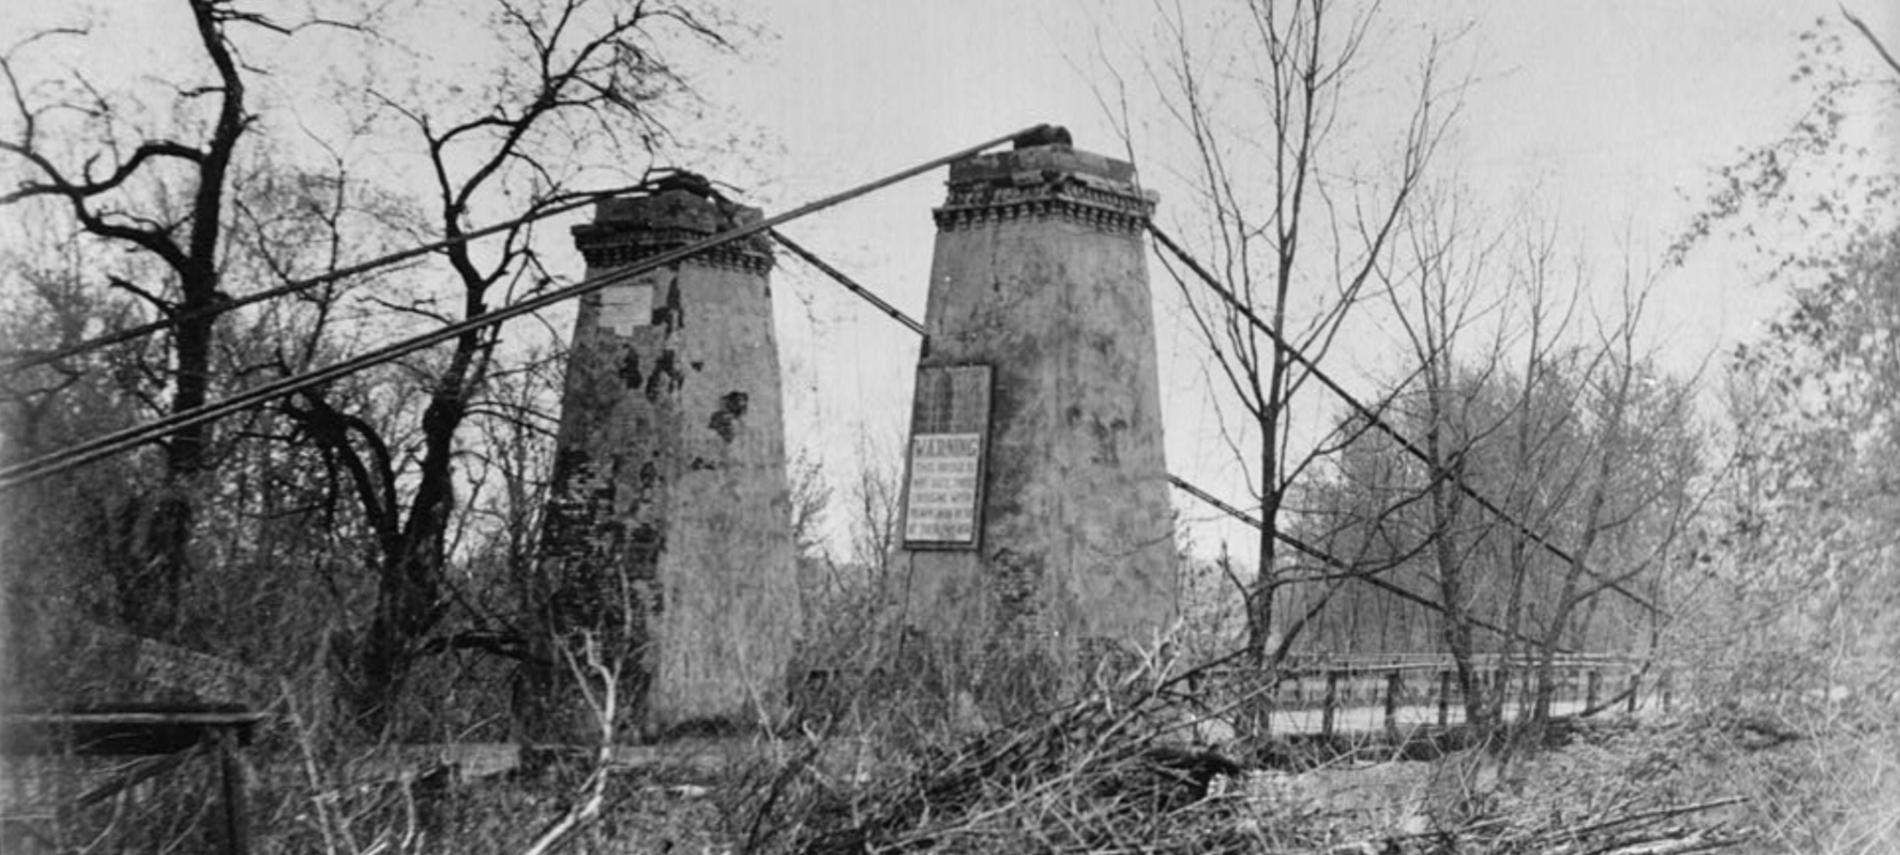 Black and white photo of historic suspension bridge in Carlyle IL